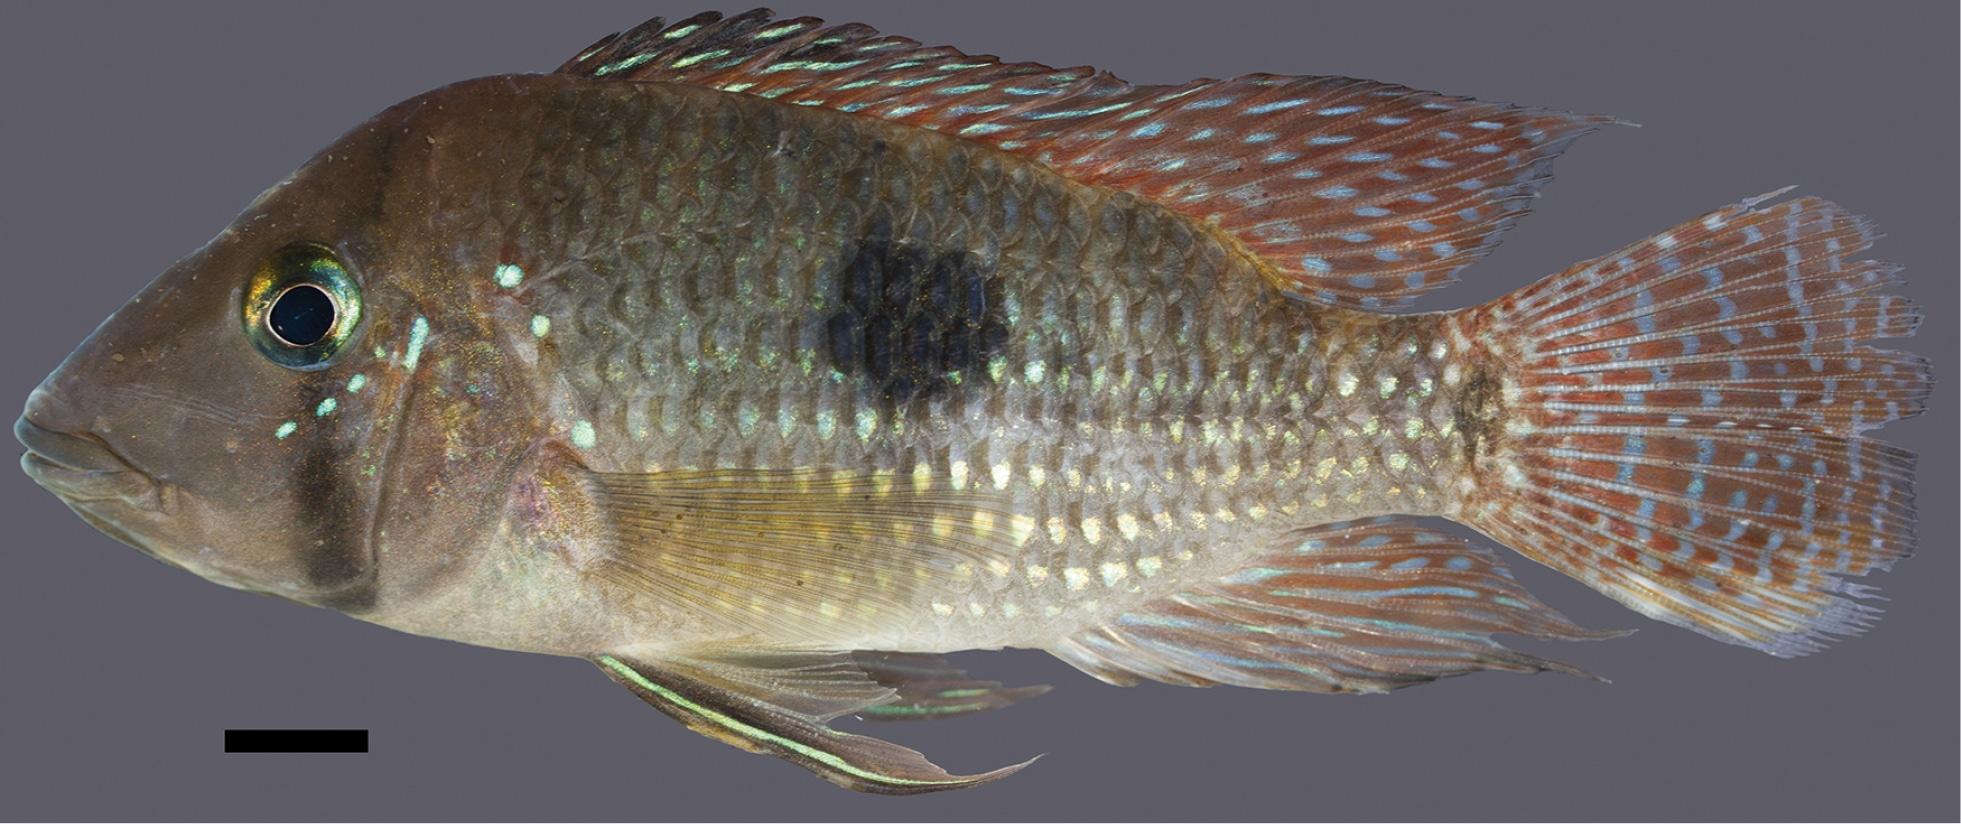 Geophagus multiocellus